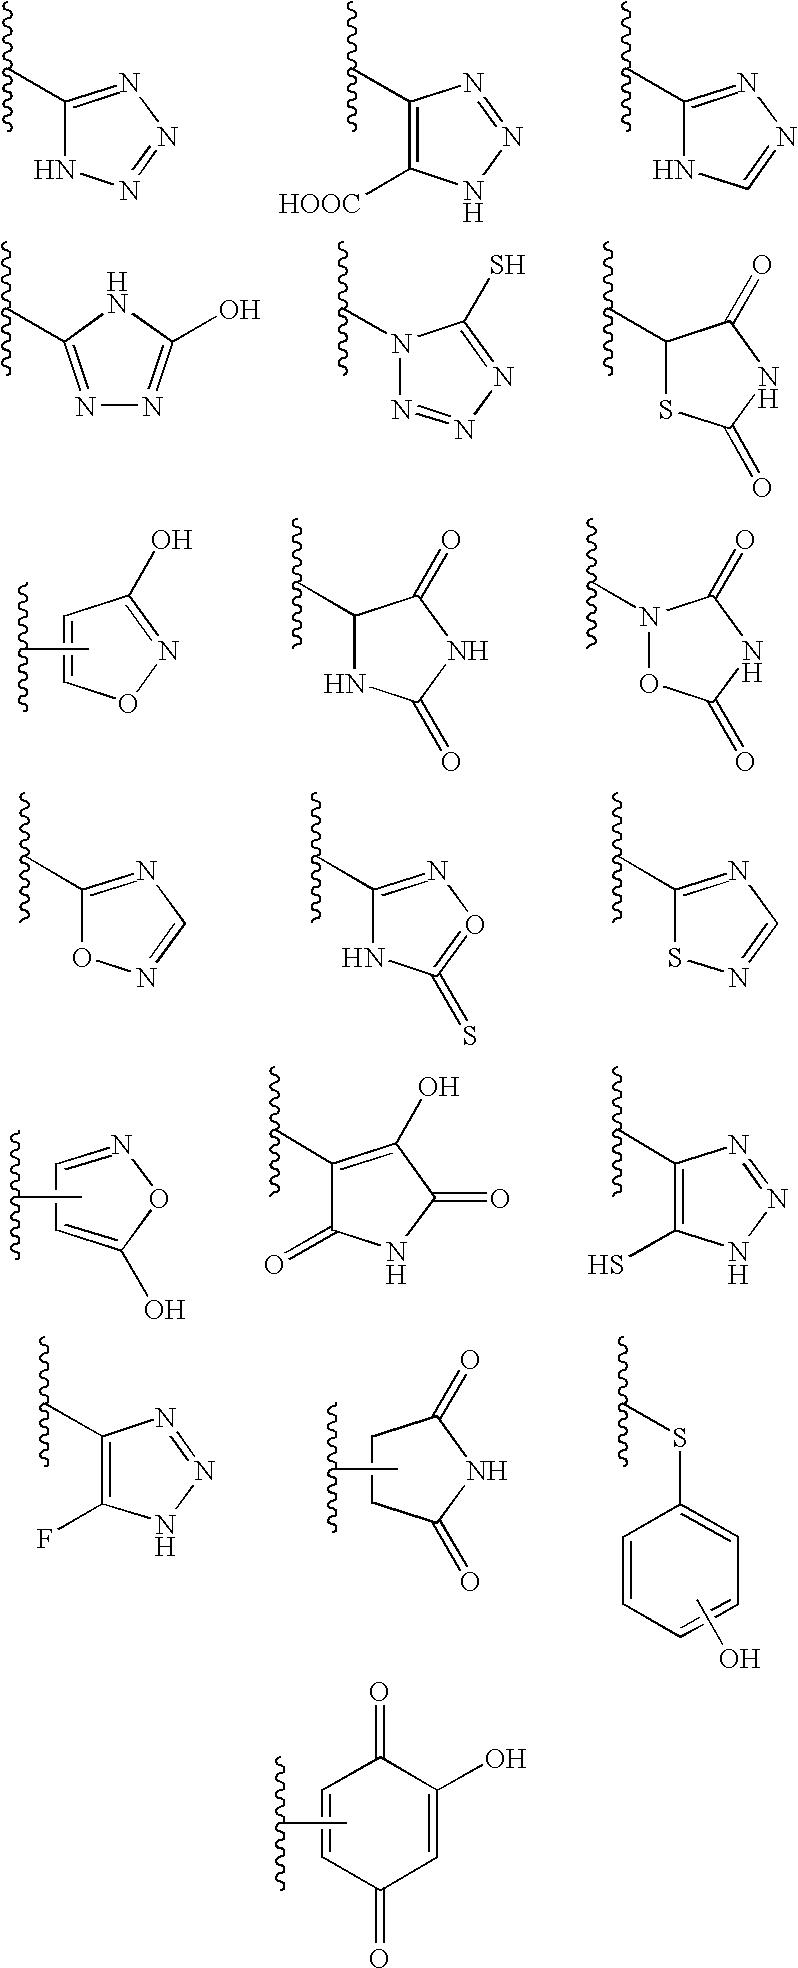 Figure US07253169-20070807-C00008